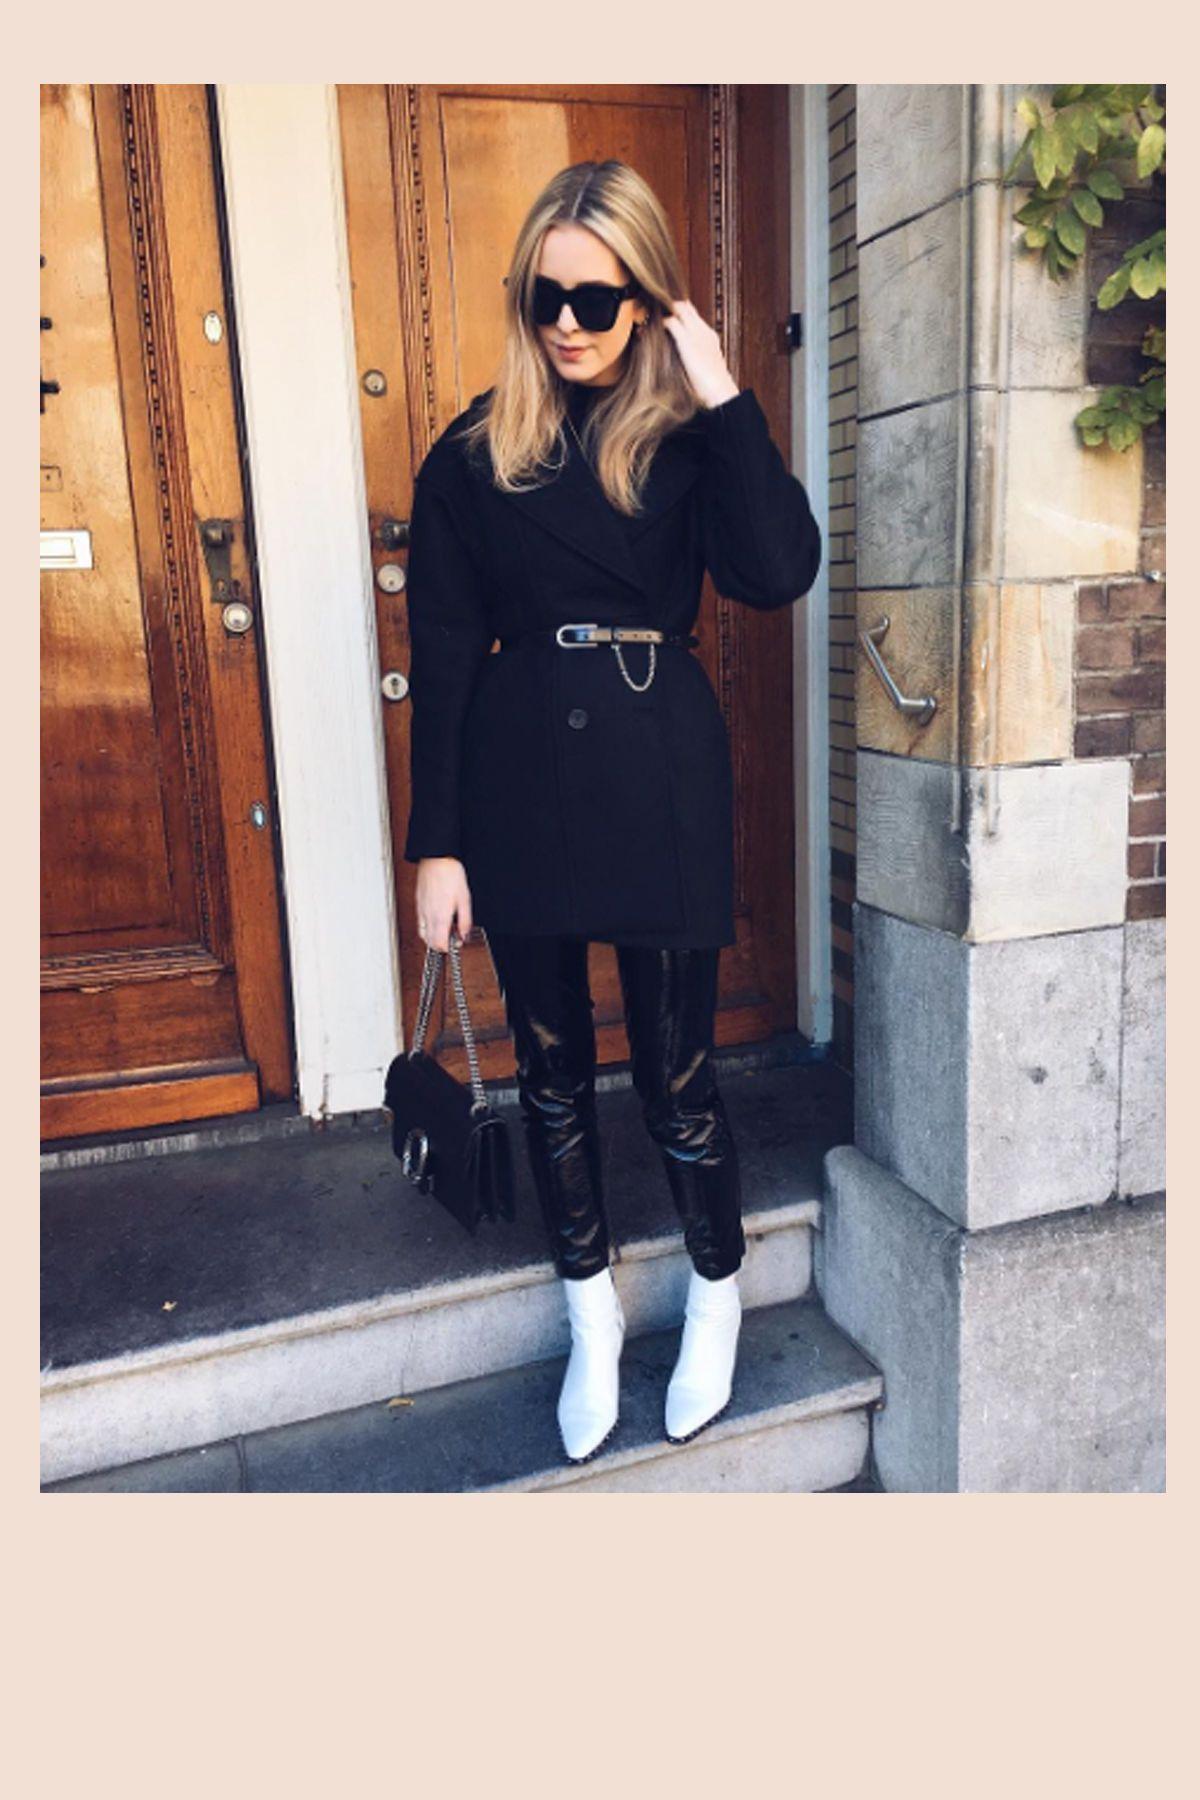 preiswertes outfit, teurer look : mit diesen 9 einfachen